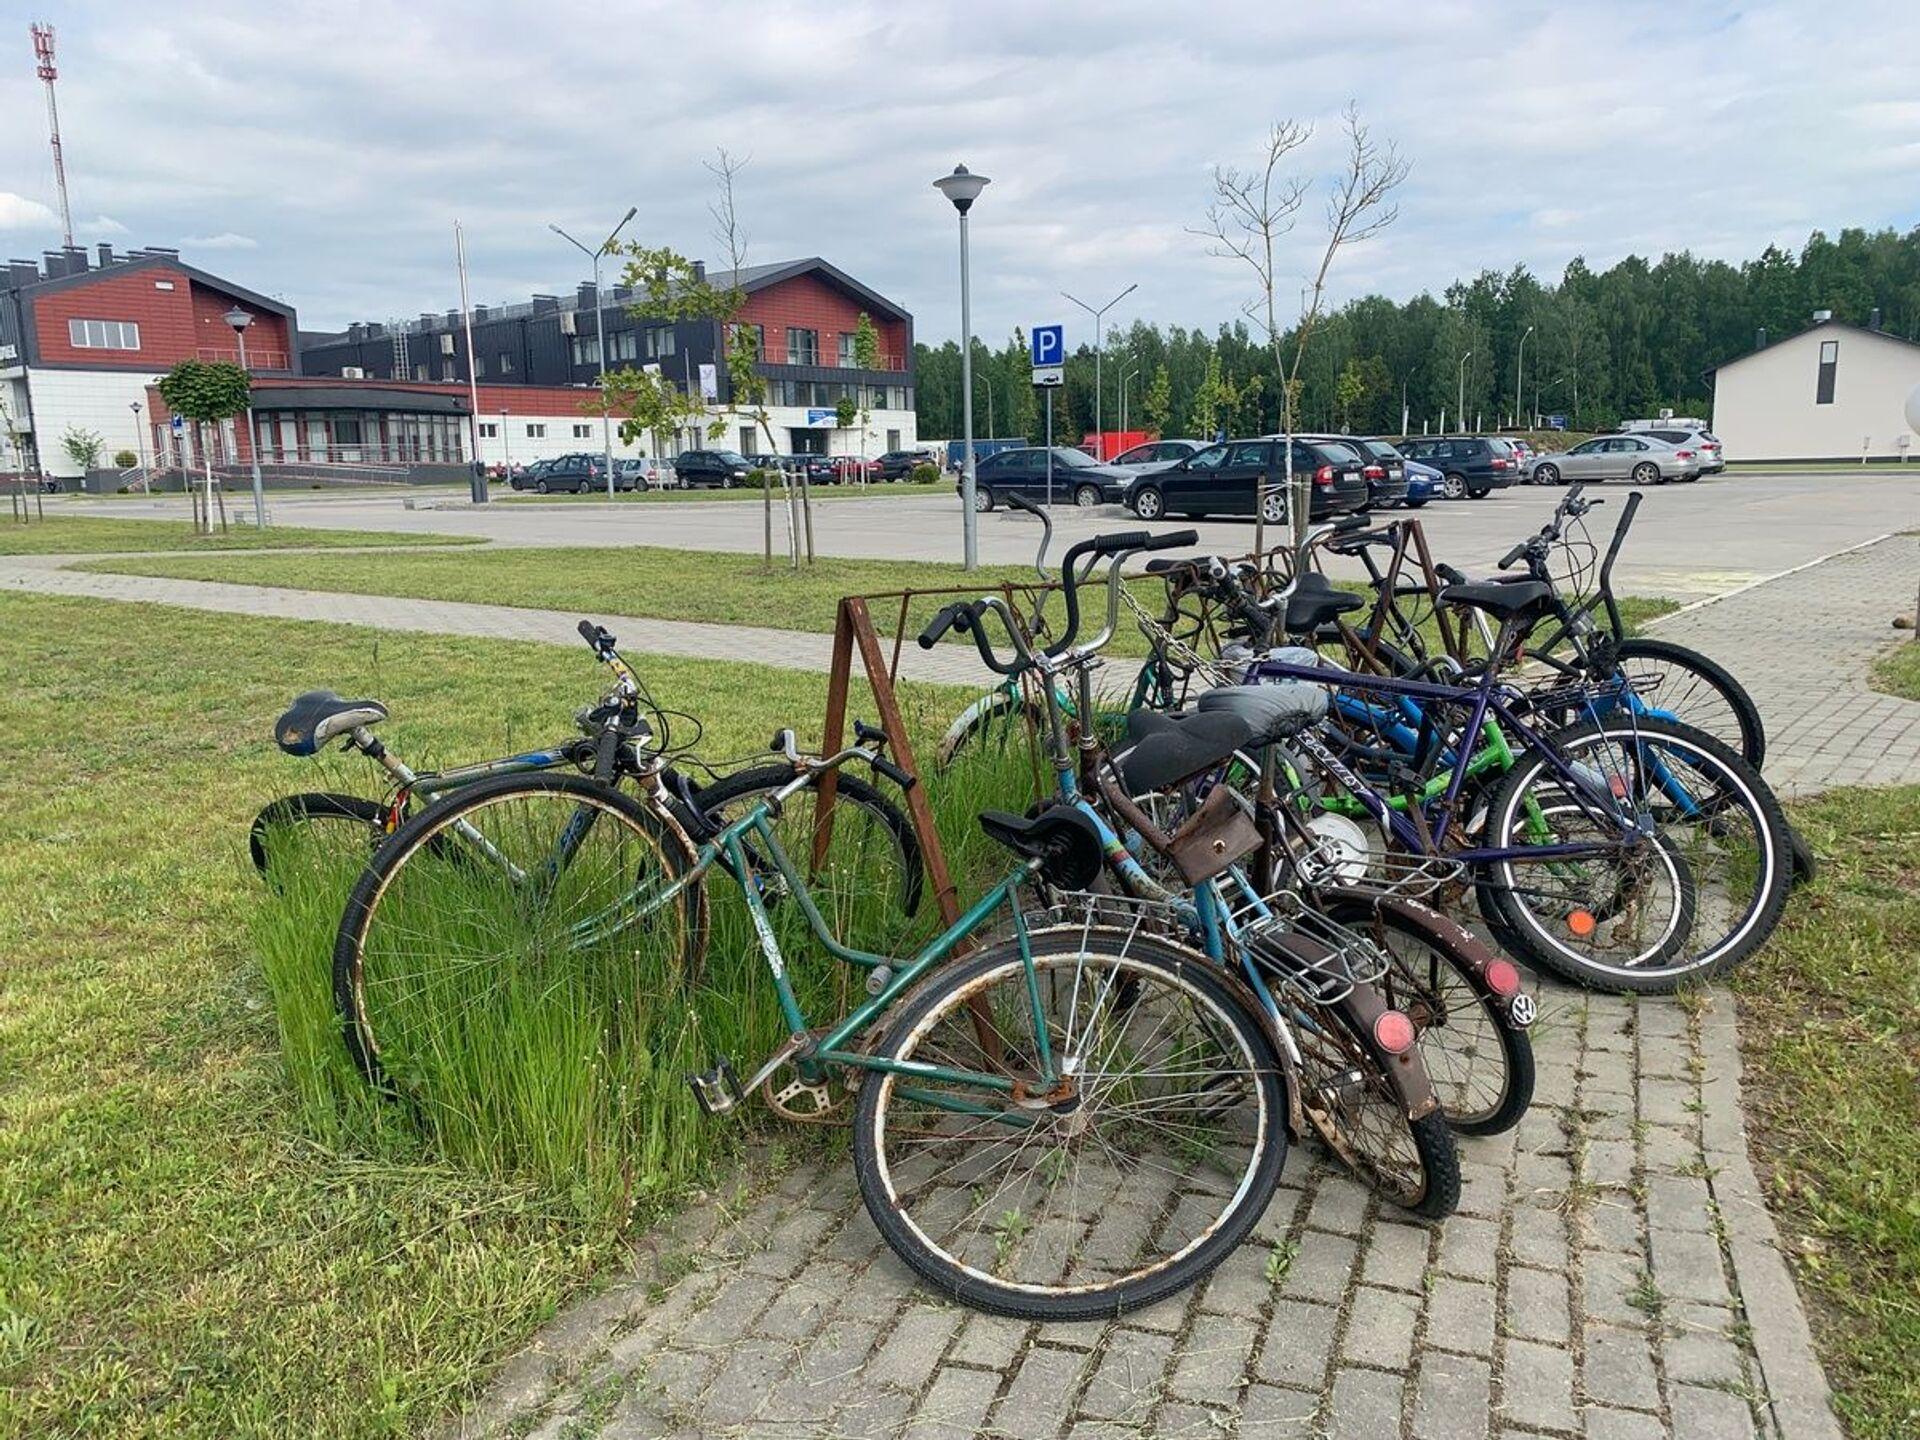 Из нового на границе – меньше брошенных велосипедов, которыми раньше активно пользовались горожане для поездок в Польшу  - Sputnik Беларусь, 1920, 29.06.2021